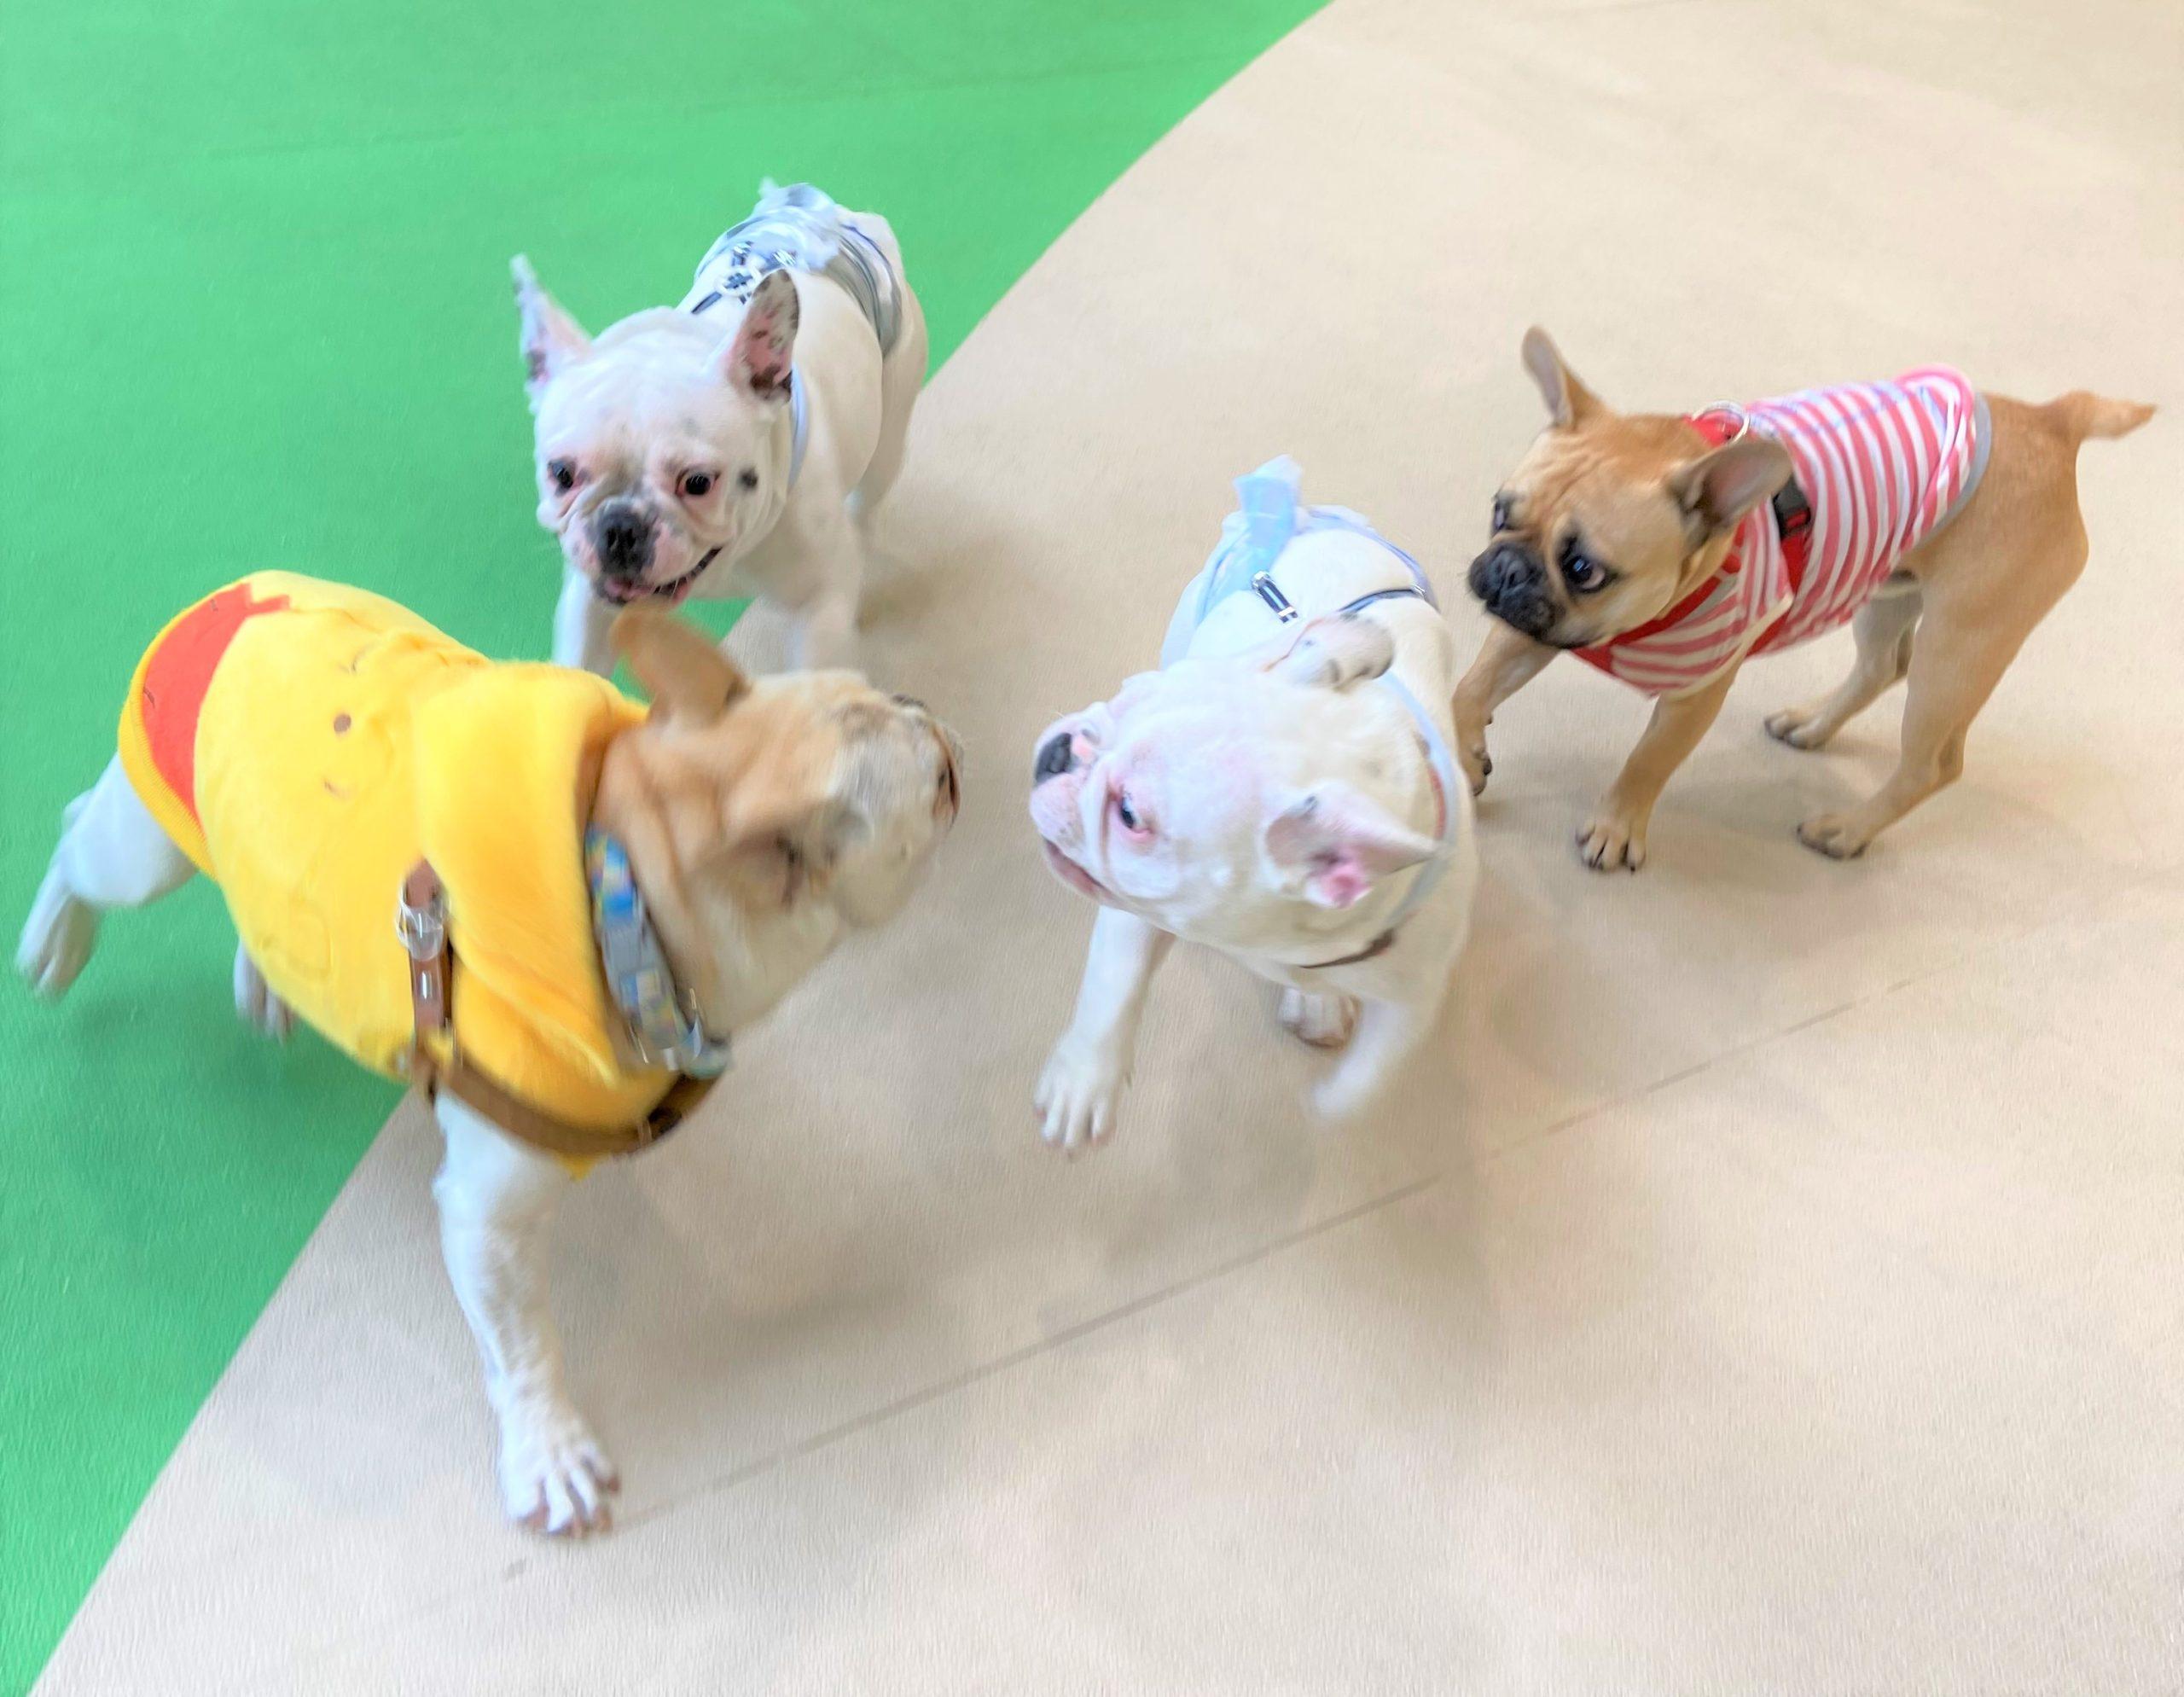 【満枠のため予約受付終了】9月5日(日)第14回WANオフ会開催!《ペチャ会》中・大型犬種の鼻ペチャさんたち集まれー!